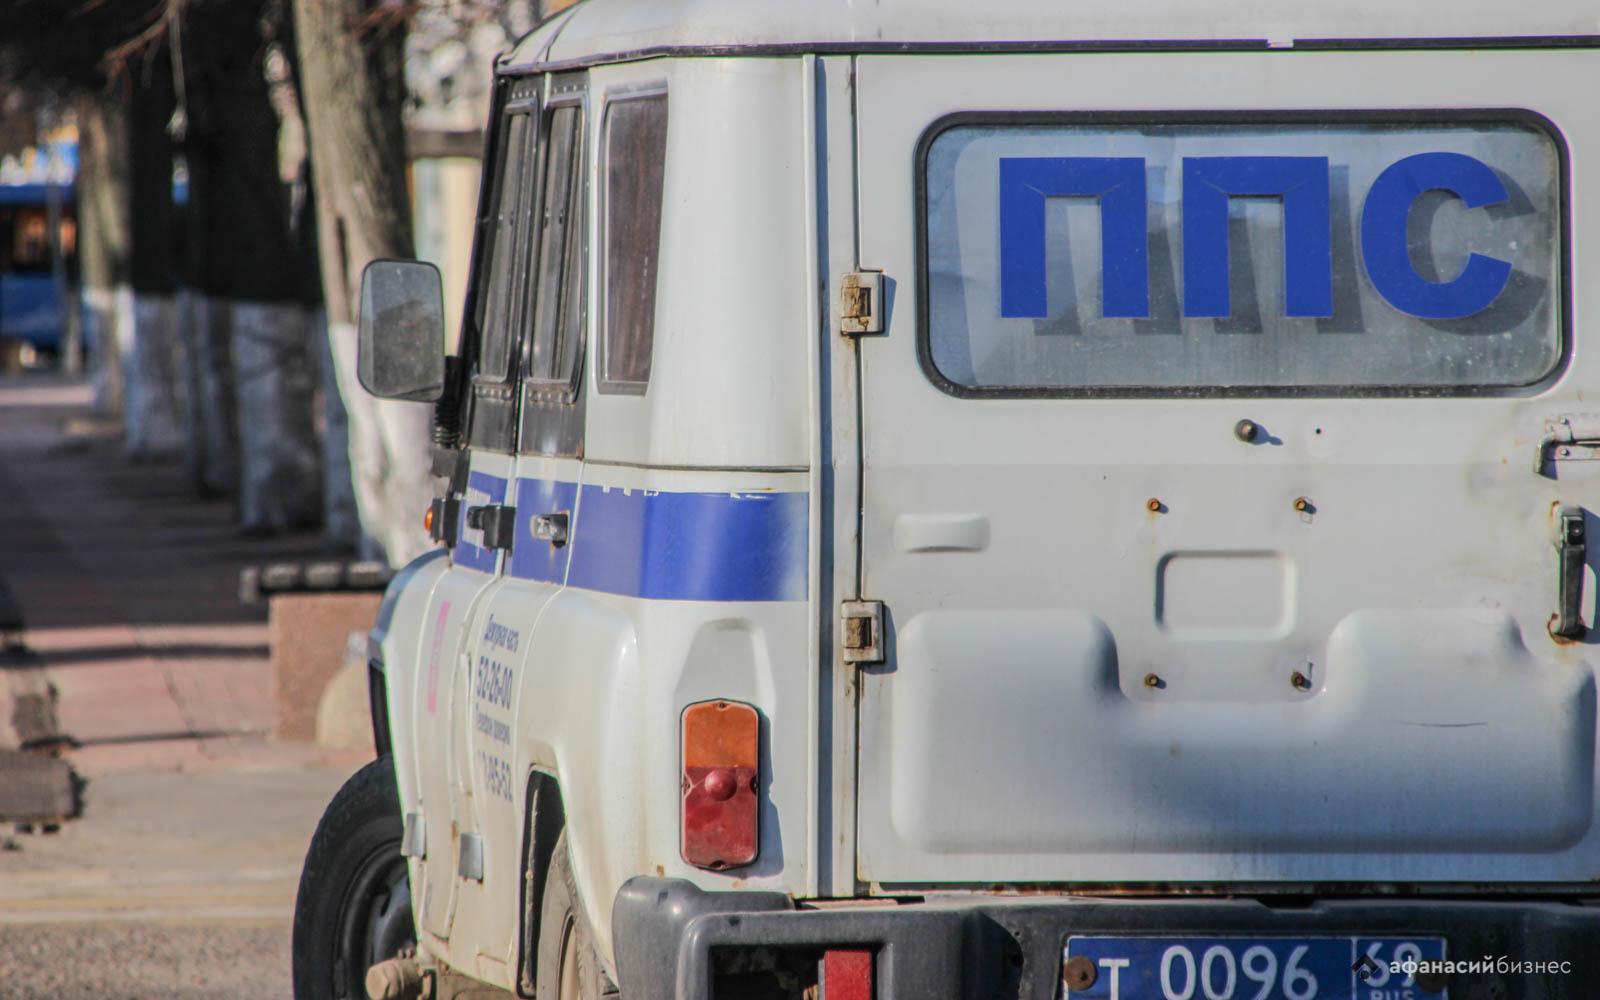 Житель Твери остался без смартфона, дав позвонить на улице незнакомцу - новости Афанасий